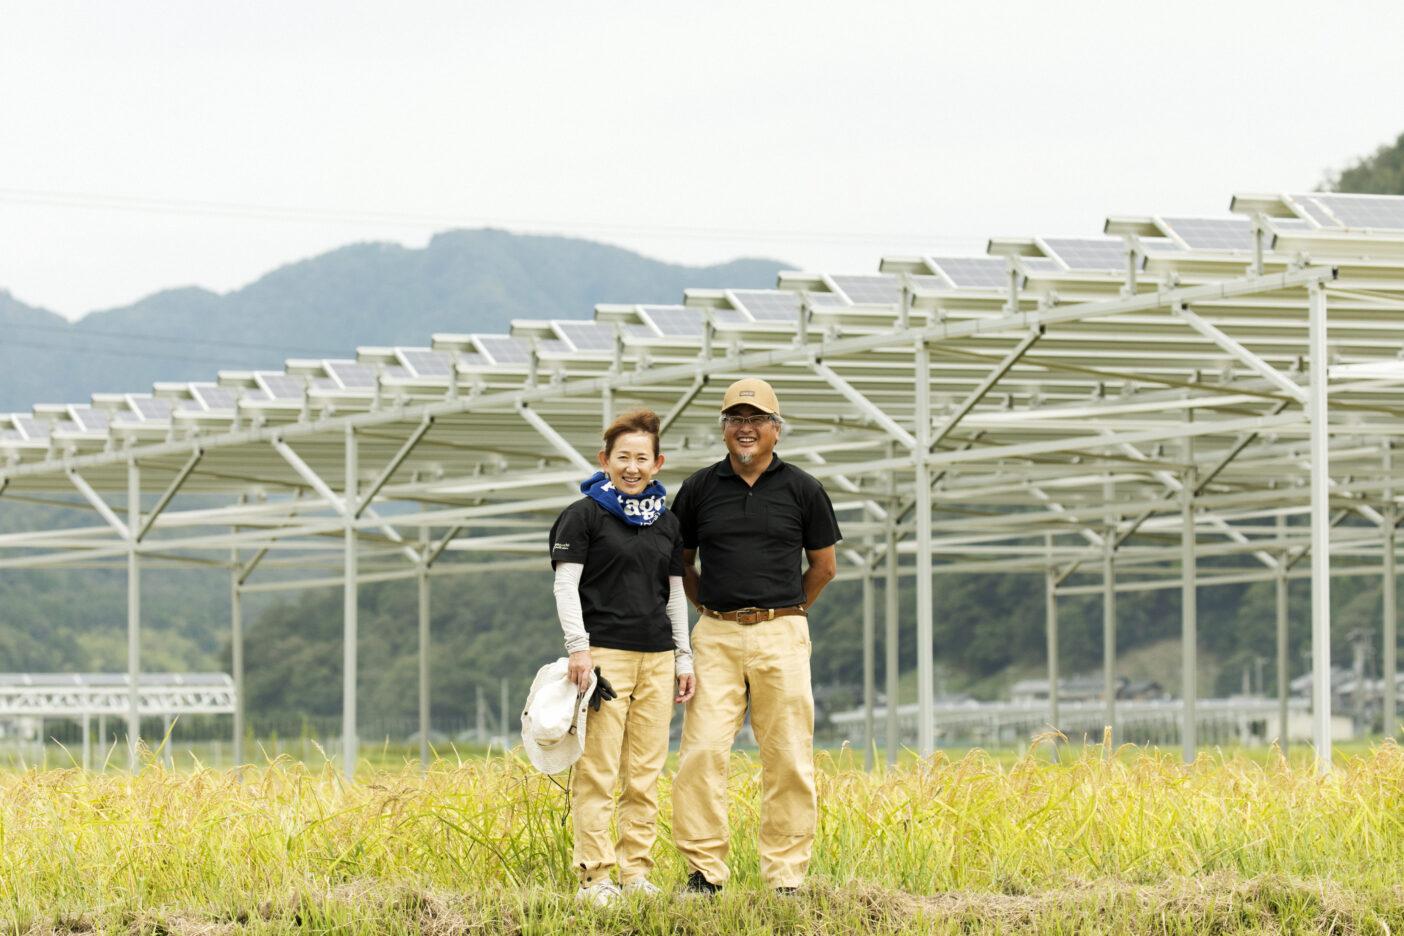 ソーラーパネルを設置した「坪口農事未来研究所」の田んぼにて、平峰英子さんと夫の拓郎さん。写真:五十嵐 一晴